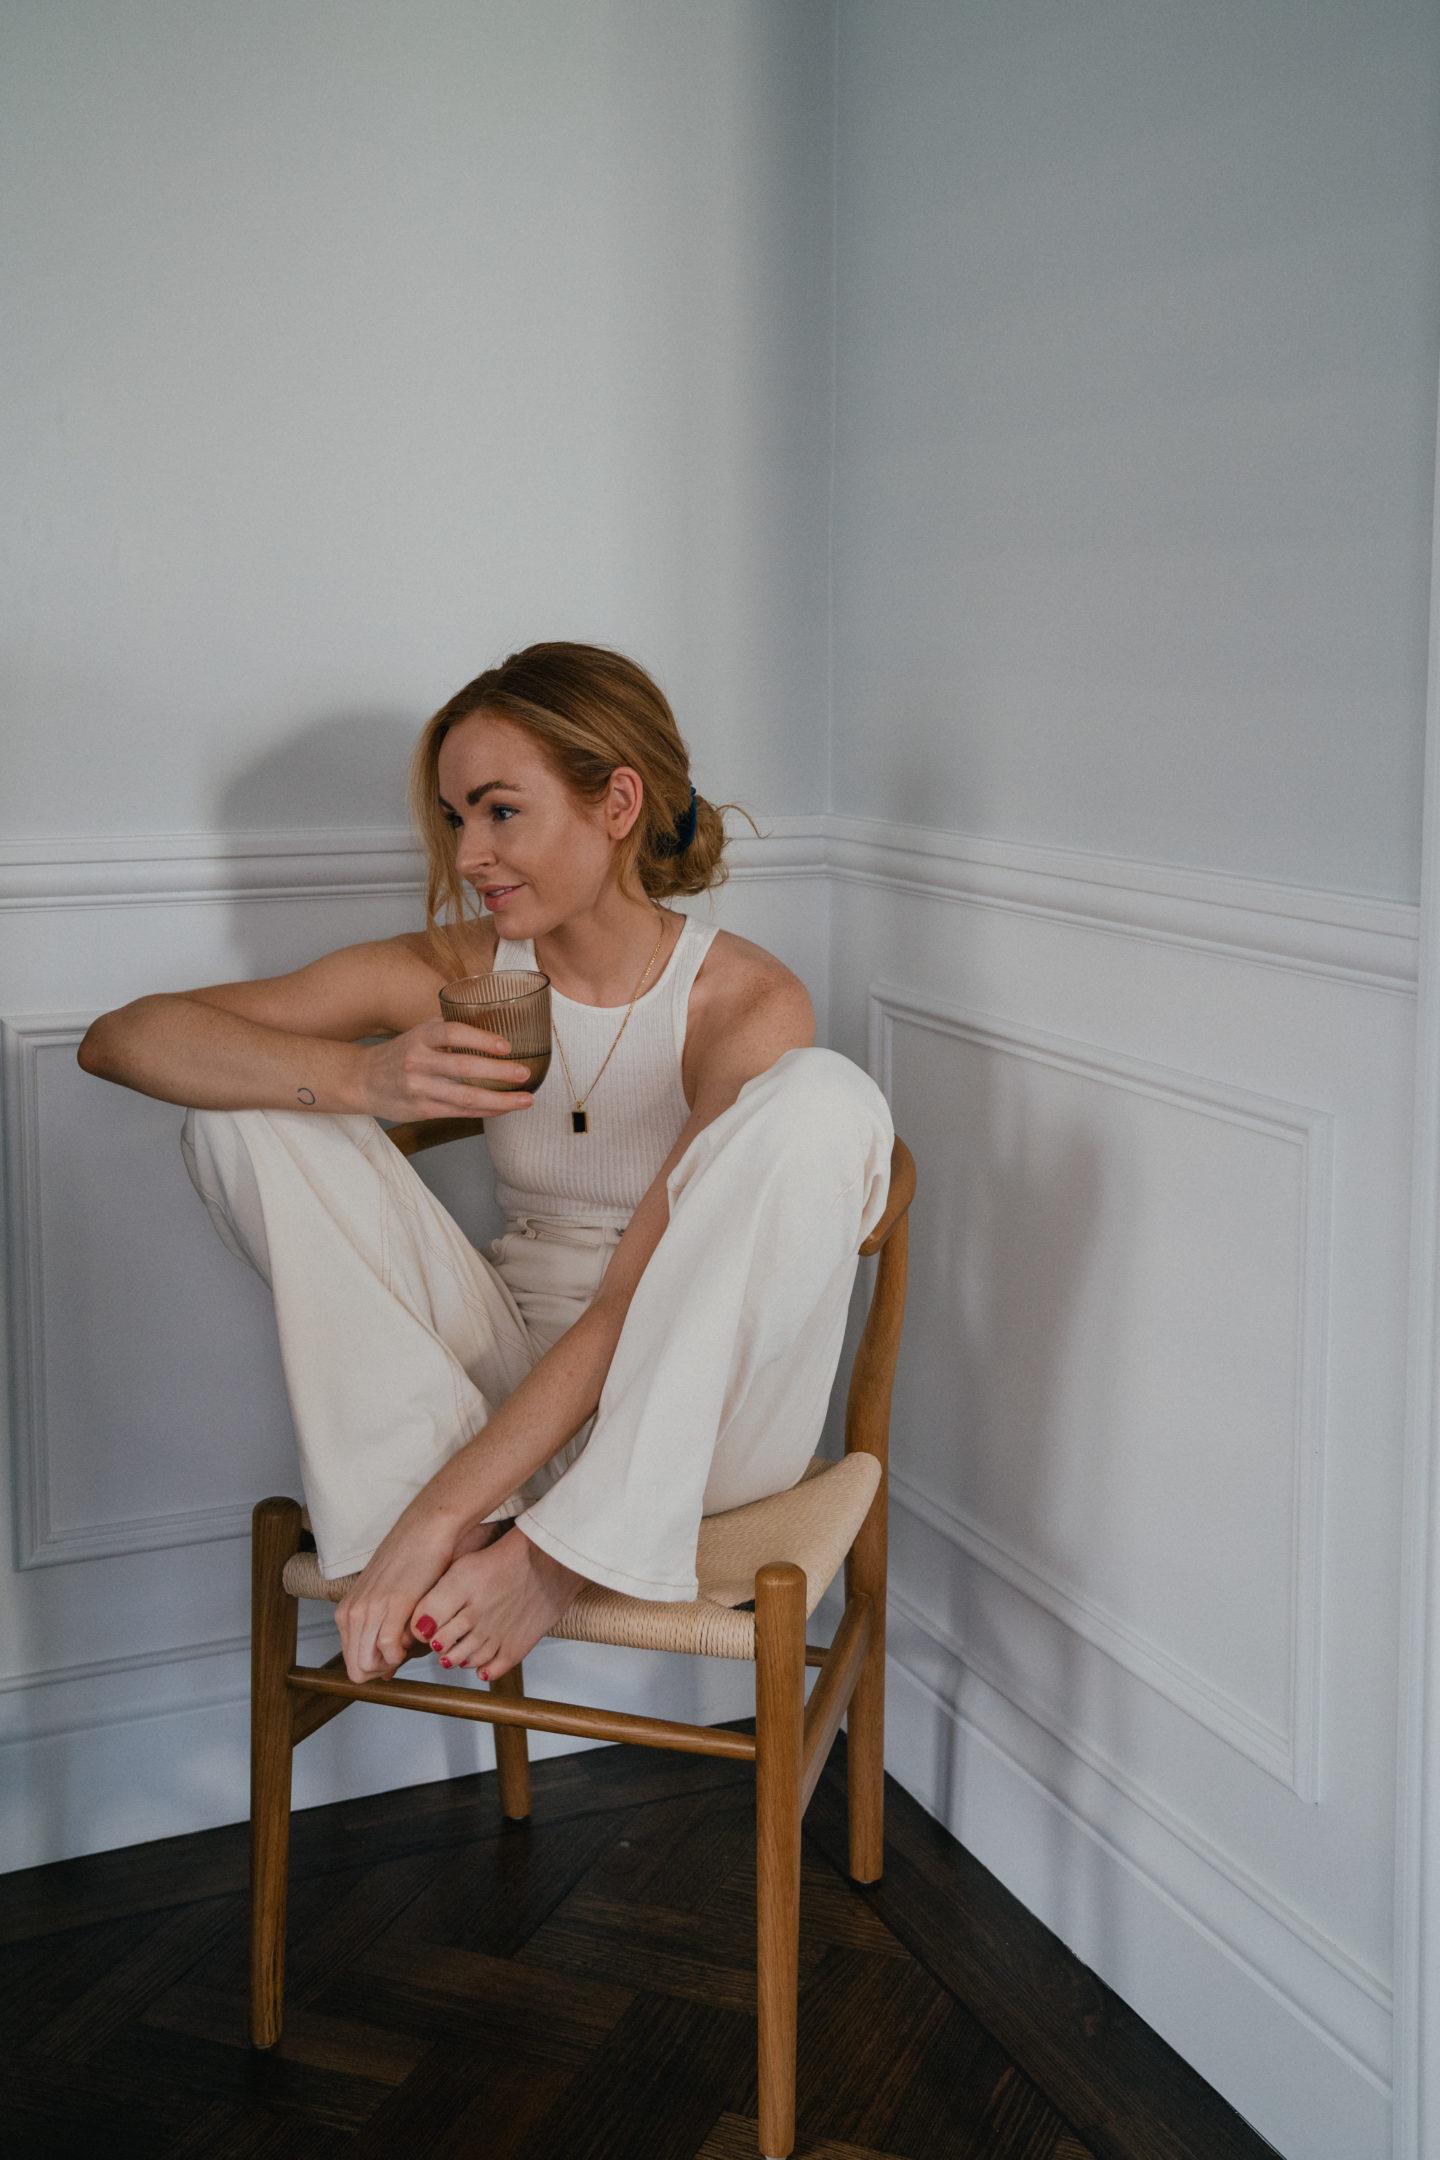 Brooke Saward | Readjusting to life at home